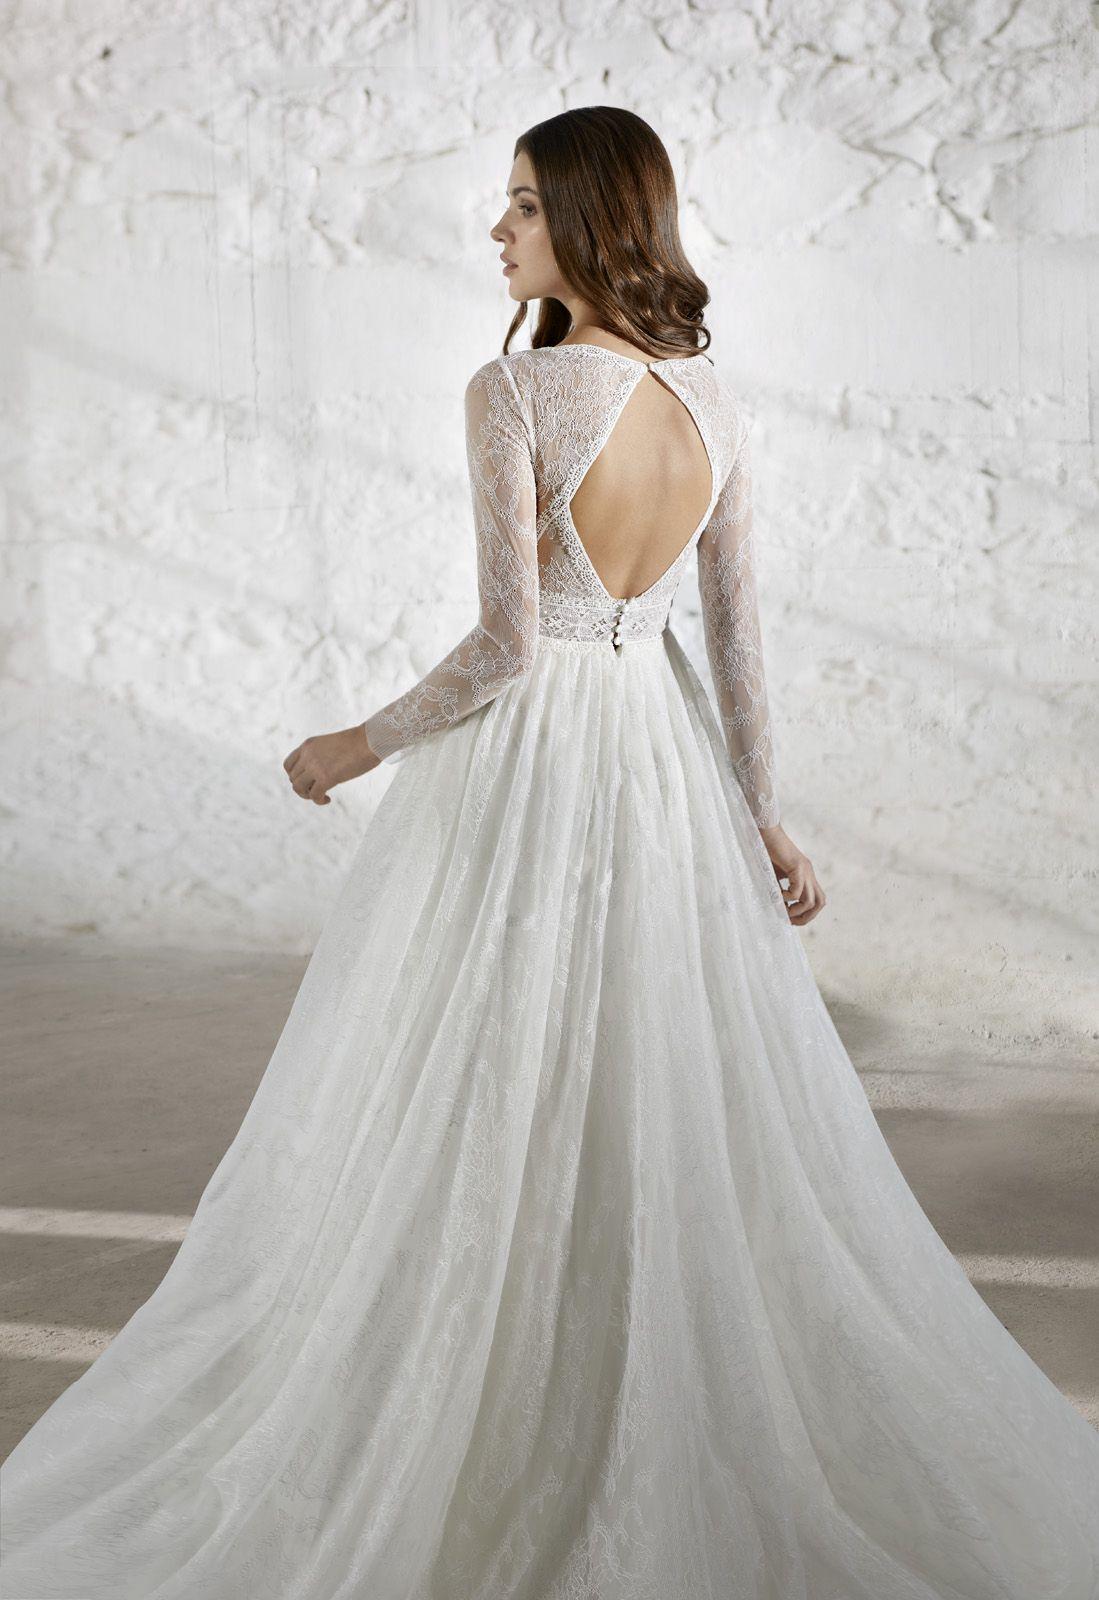 Brautkleid Mit Romantischem Tullrock Langen Spitzenarmeln Und Cut